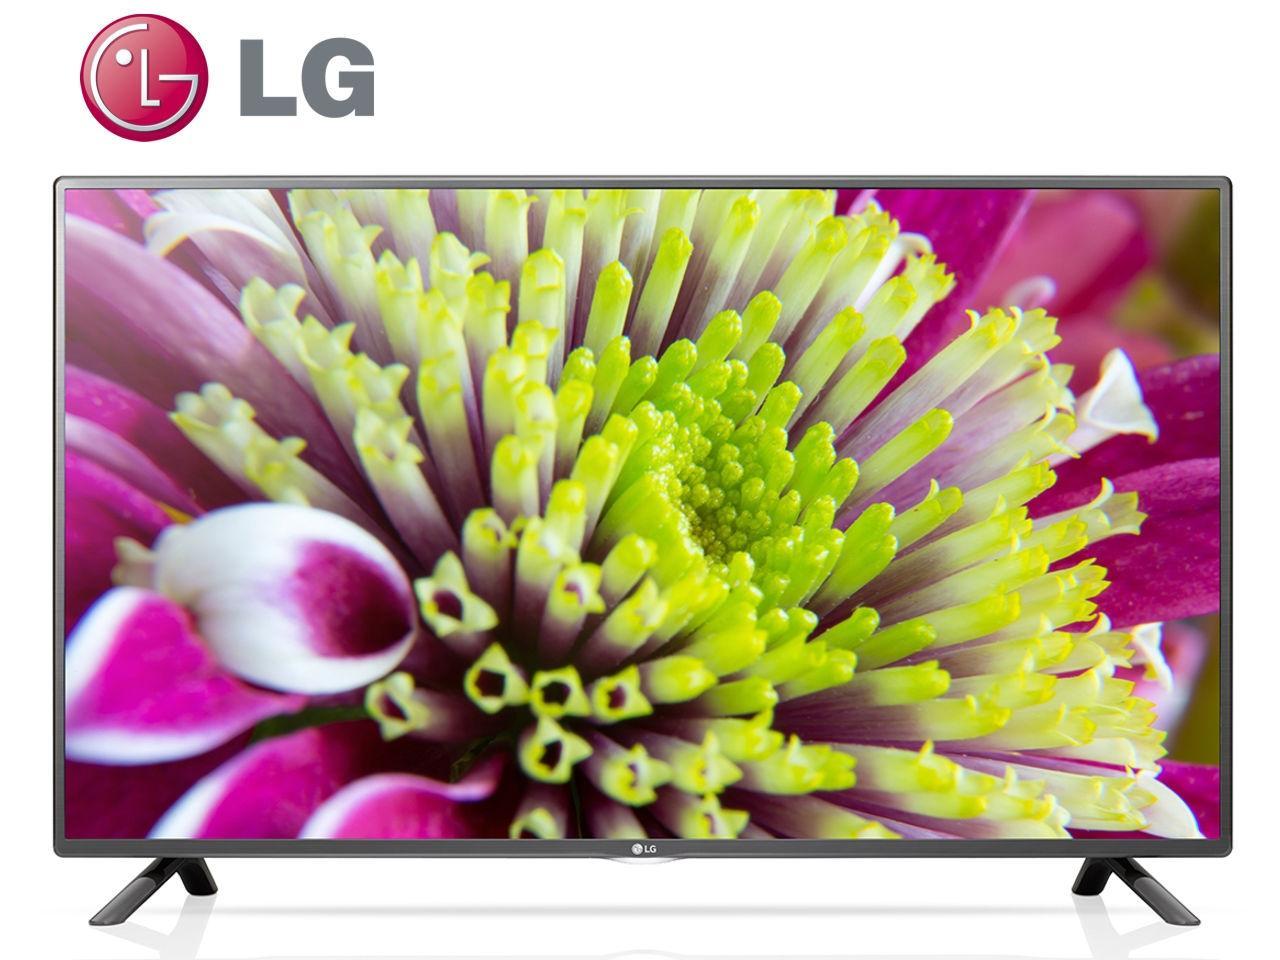 LG 55LF580V + 500 Kč na dárky nebo další nákup | CHAT on-line podpora PO-PÁ 8-22.00!!